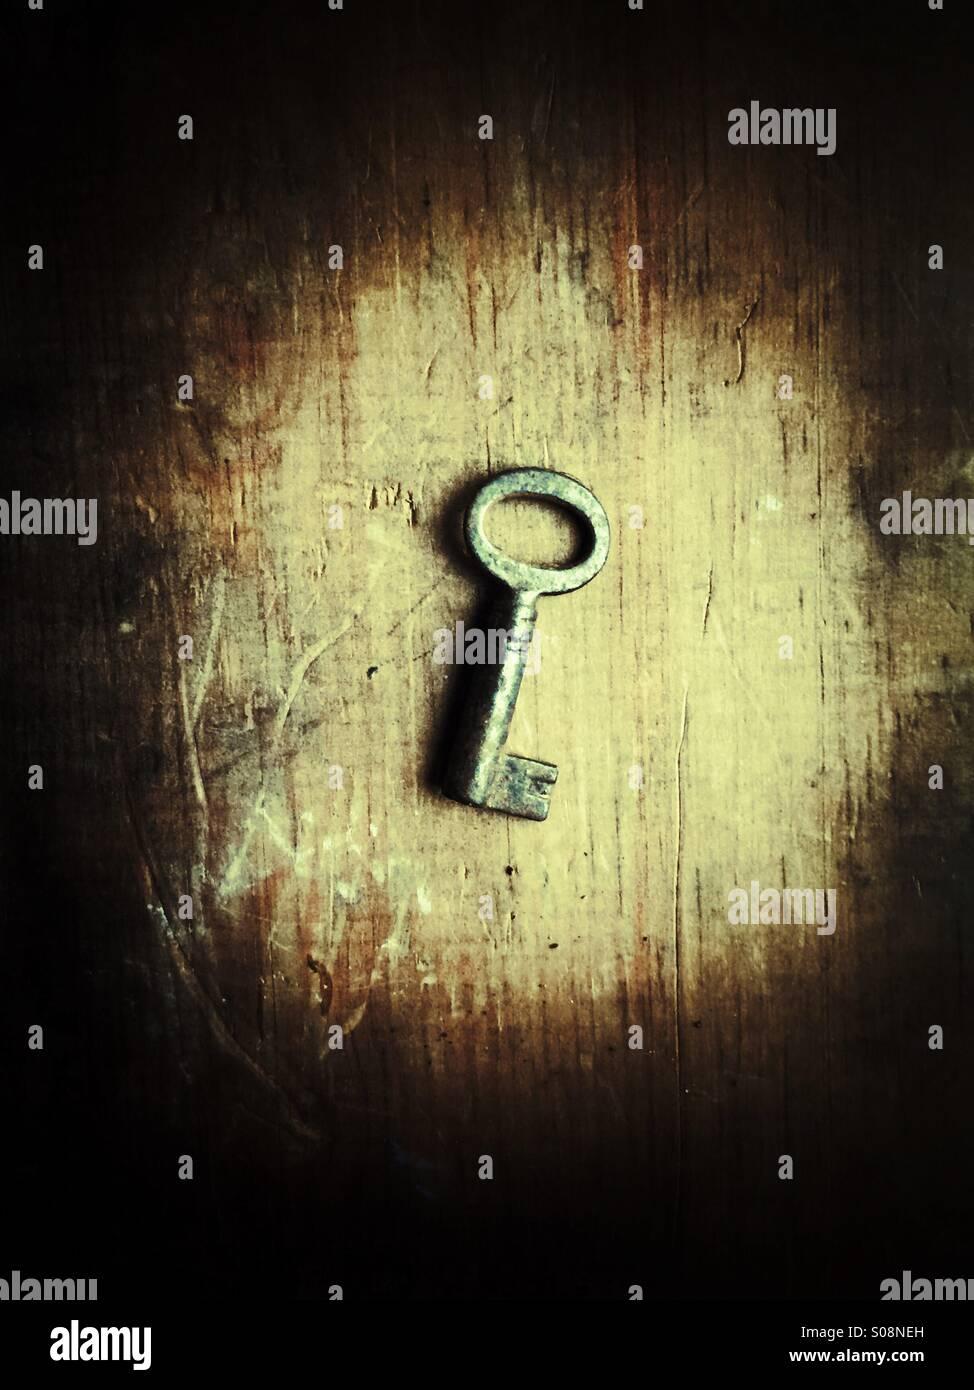 Old key - Stock Image